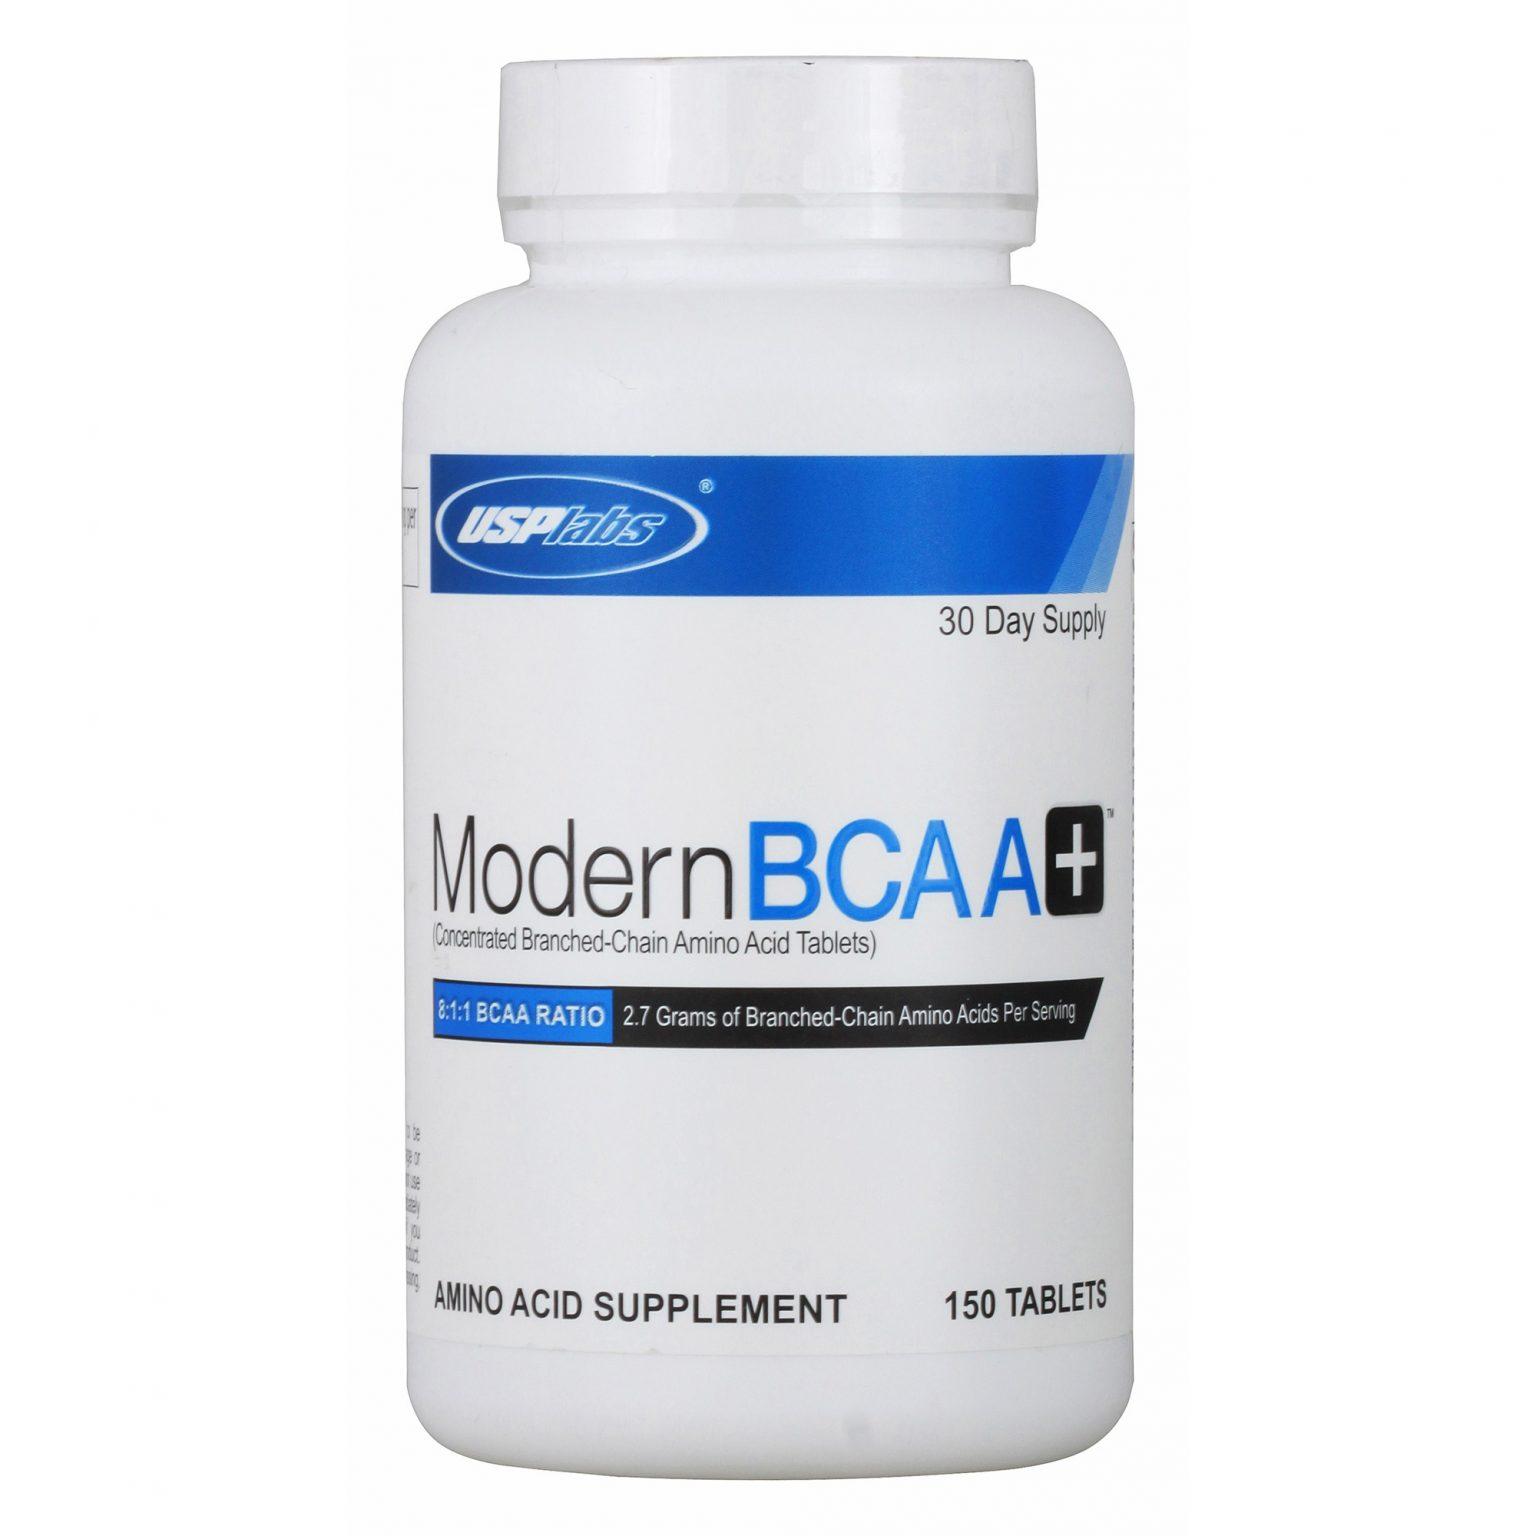 Побочные эффекты от bcaa: у мужчин и женщин